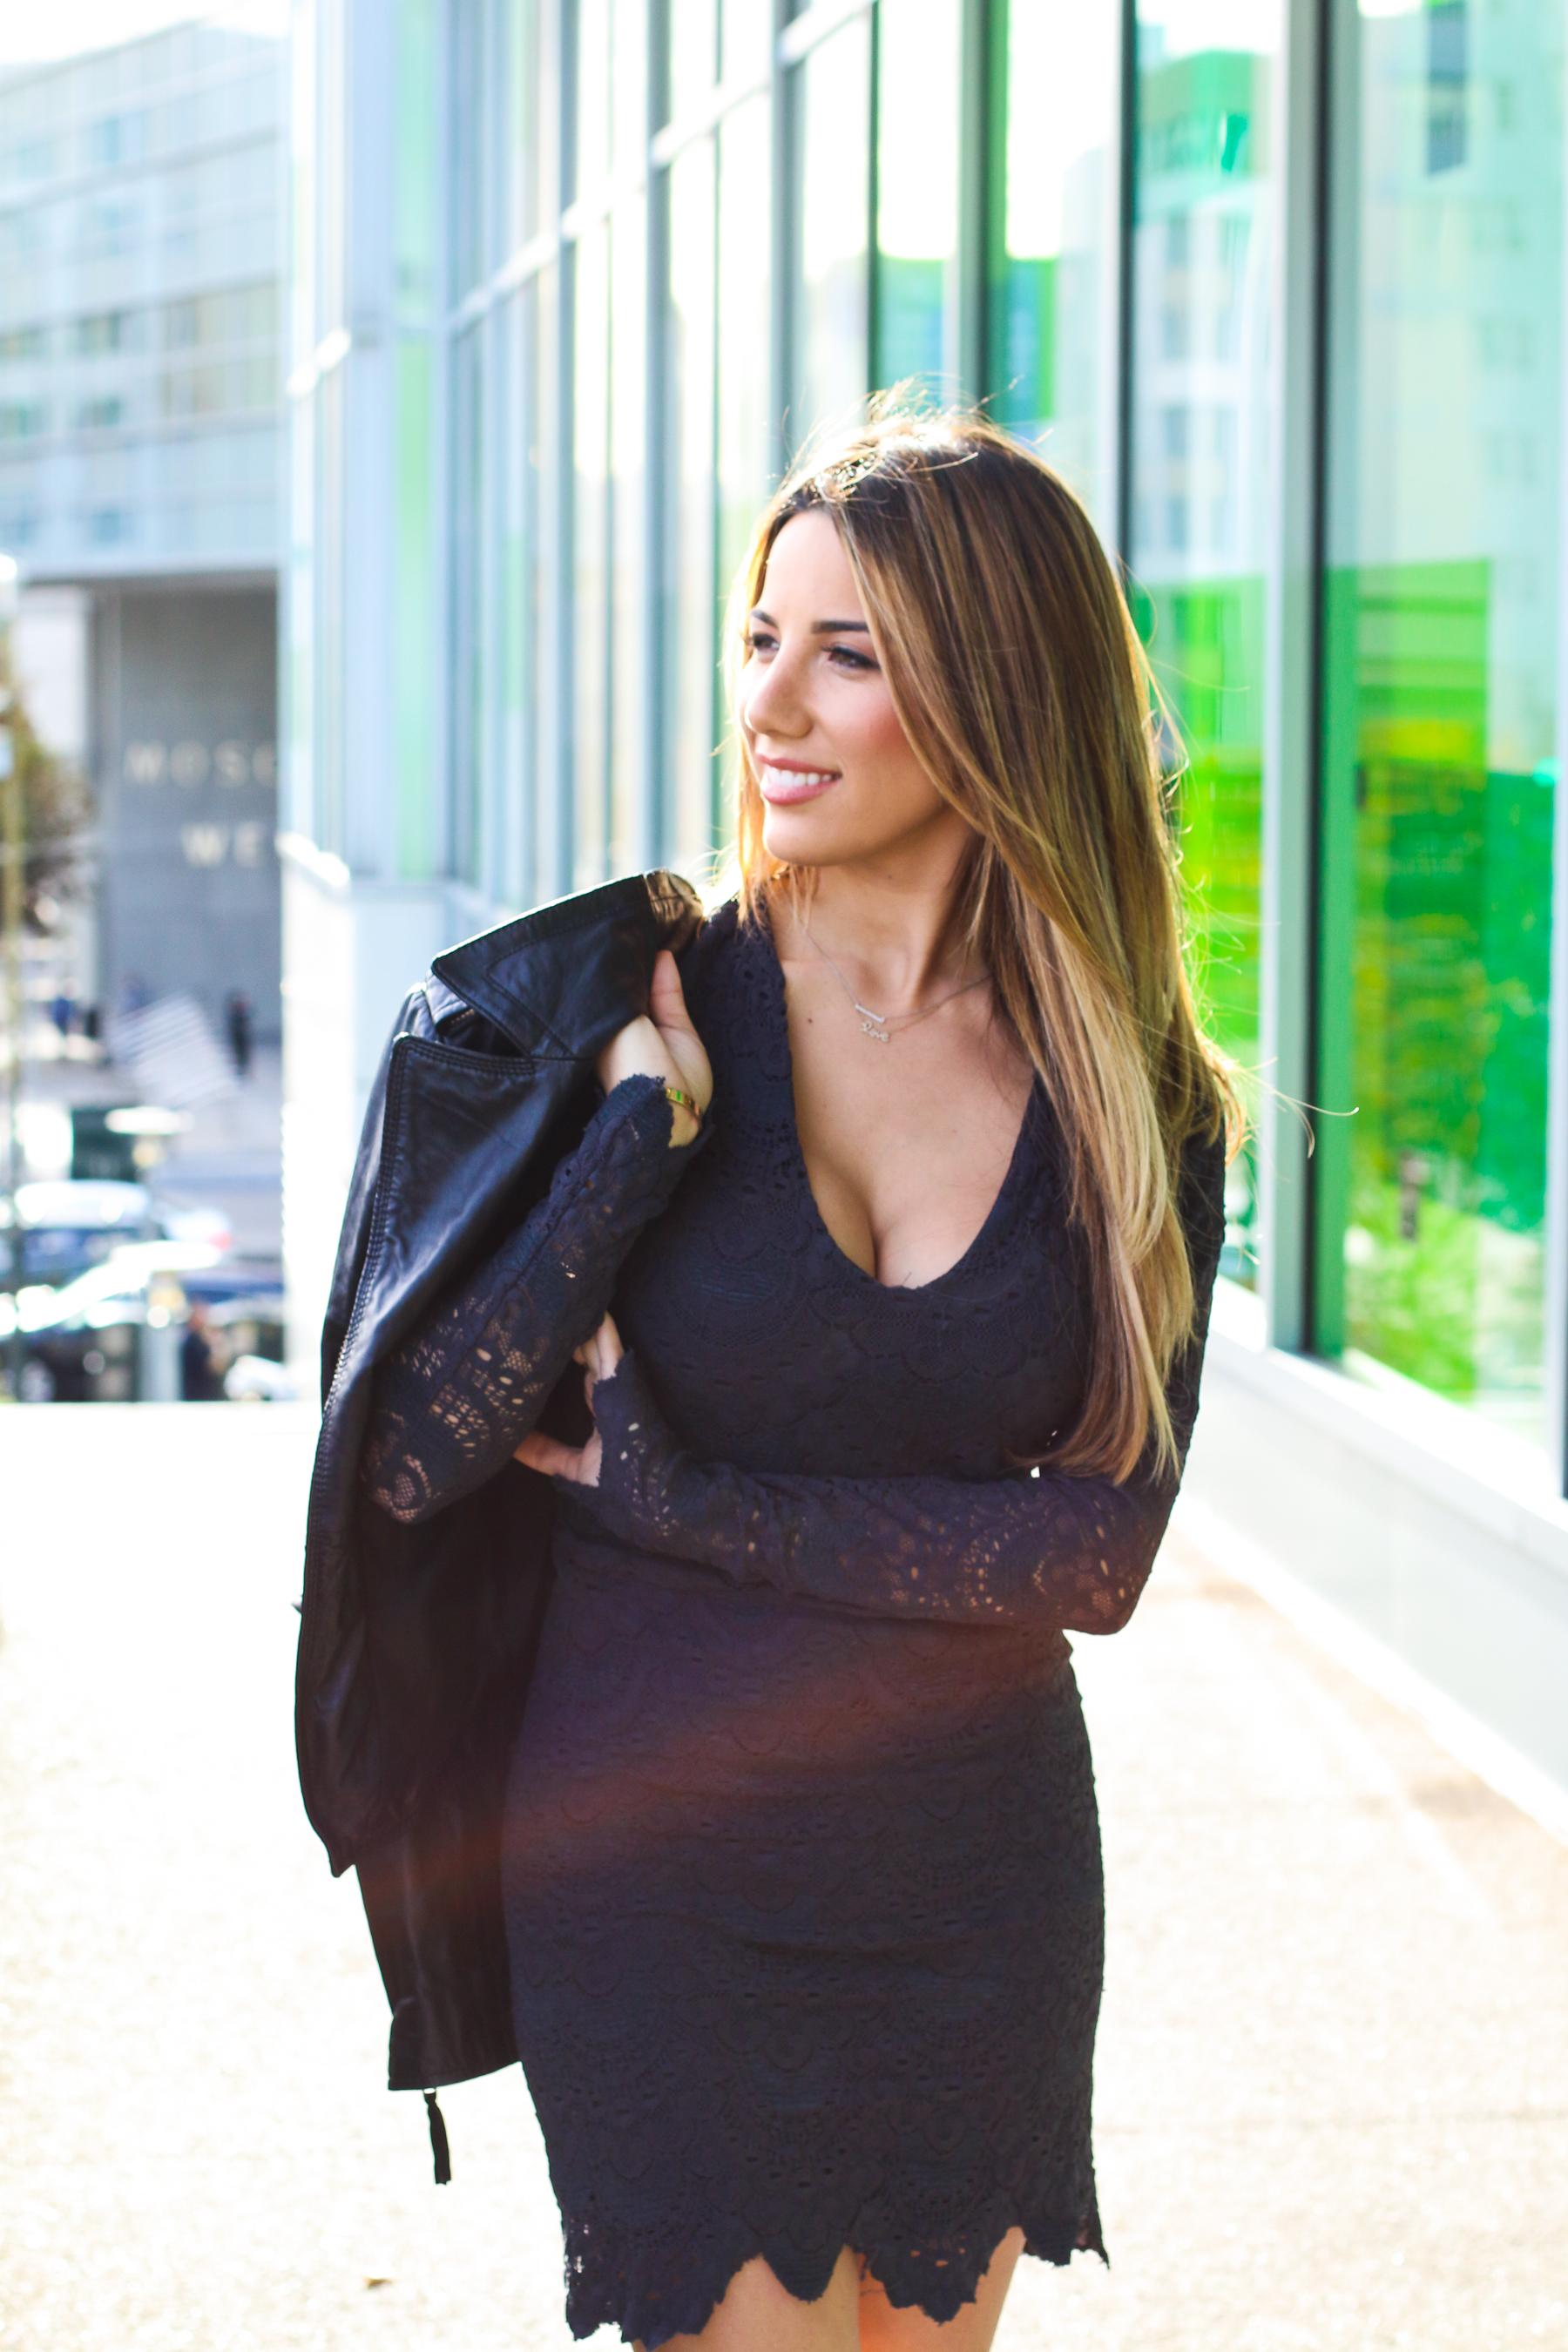 Ariana-Lauren-Fashion-Born-Blogger-San-Francisco-Photography-by-Ryan-Chua-2107